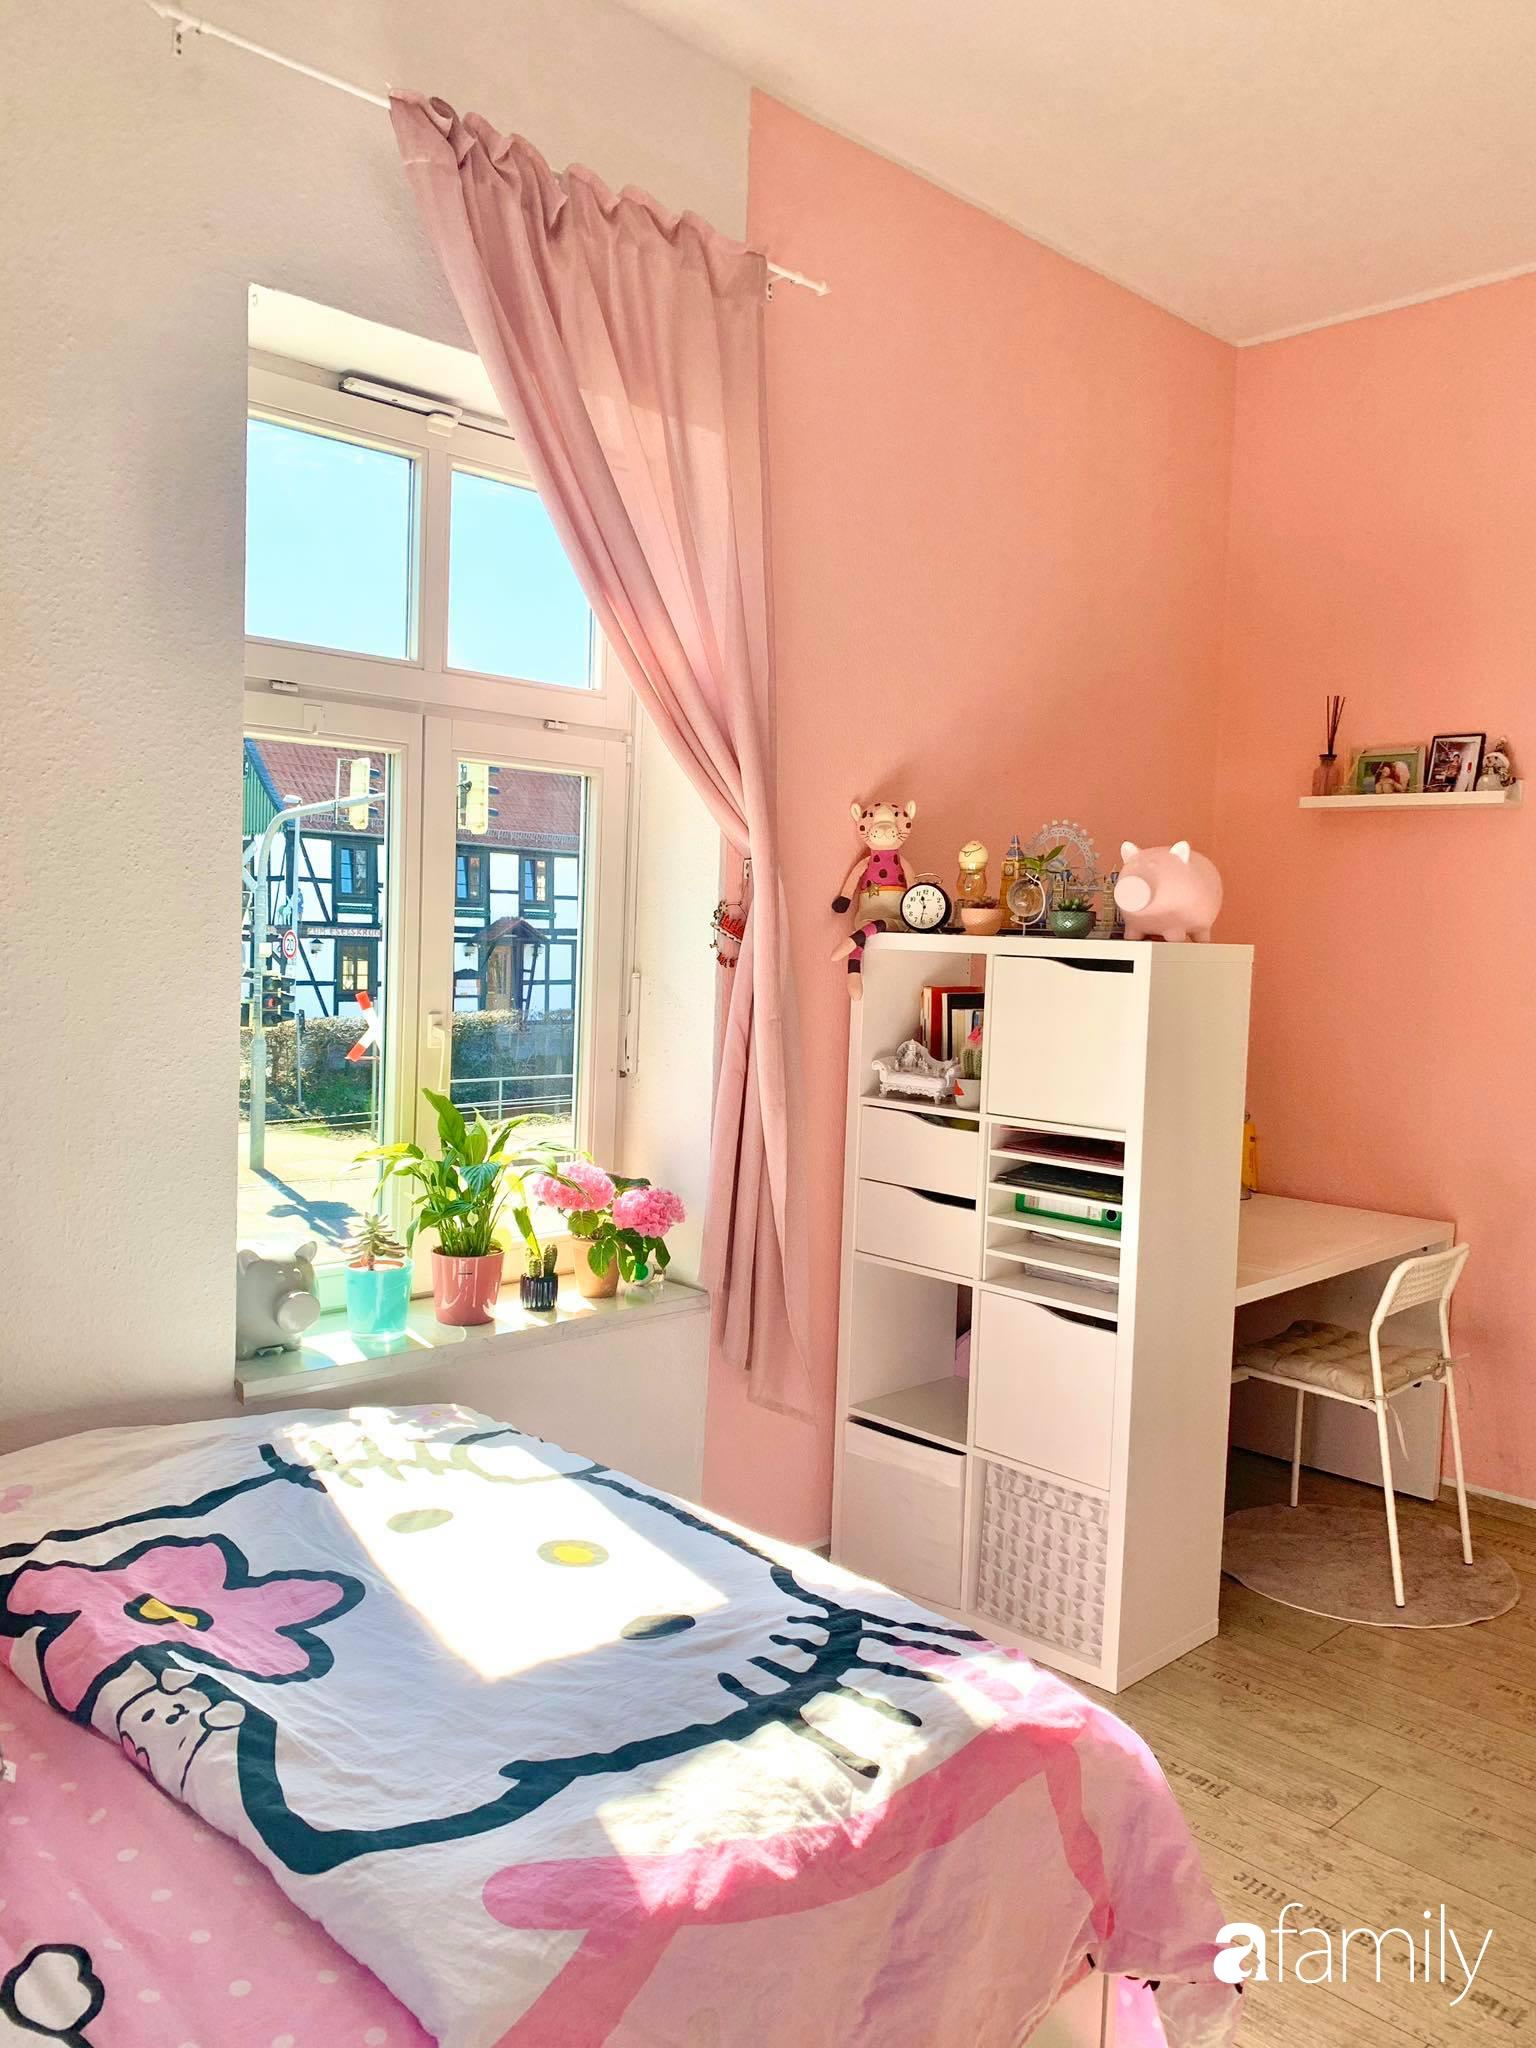 Giữa tâm dịch của nước Đức, cô gái Việt tạo niềm vui bằng cách cải tạo căn phòng thành không gian màu hồng mộng mơ - Ảnh 6.